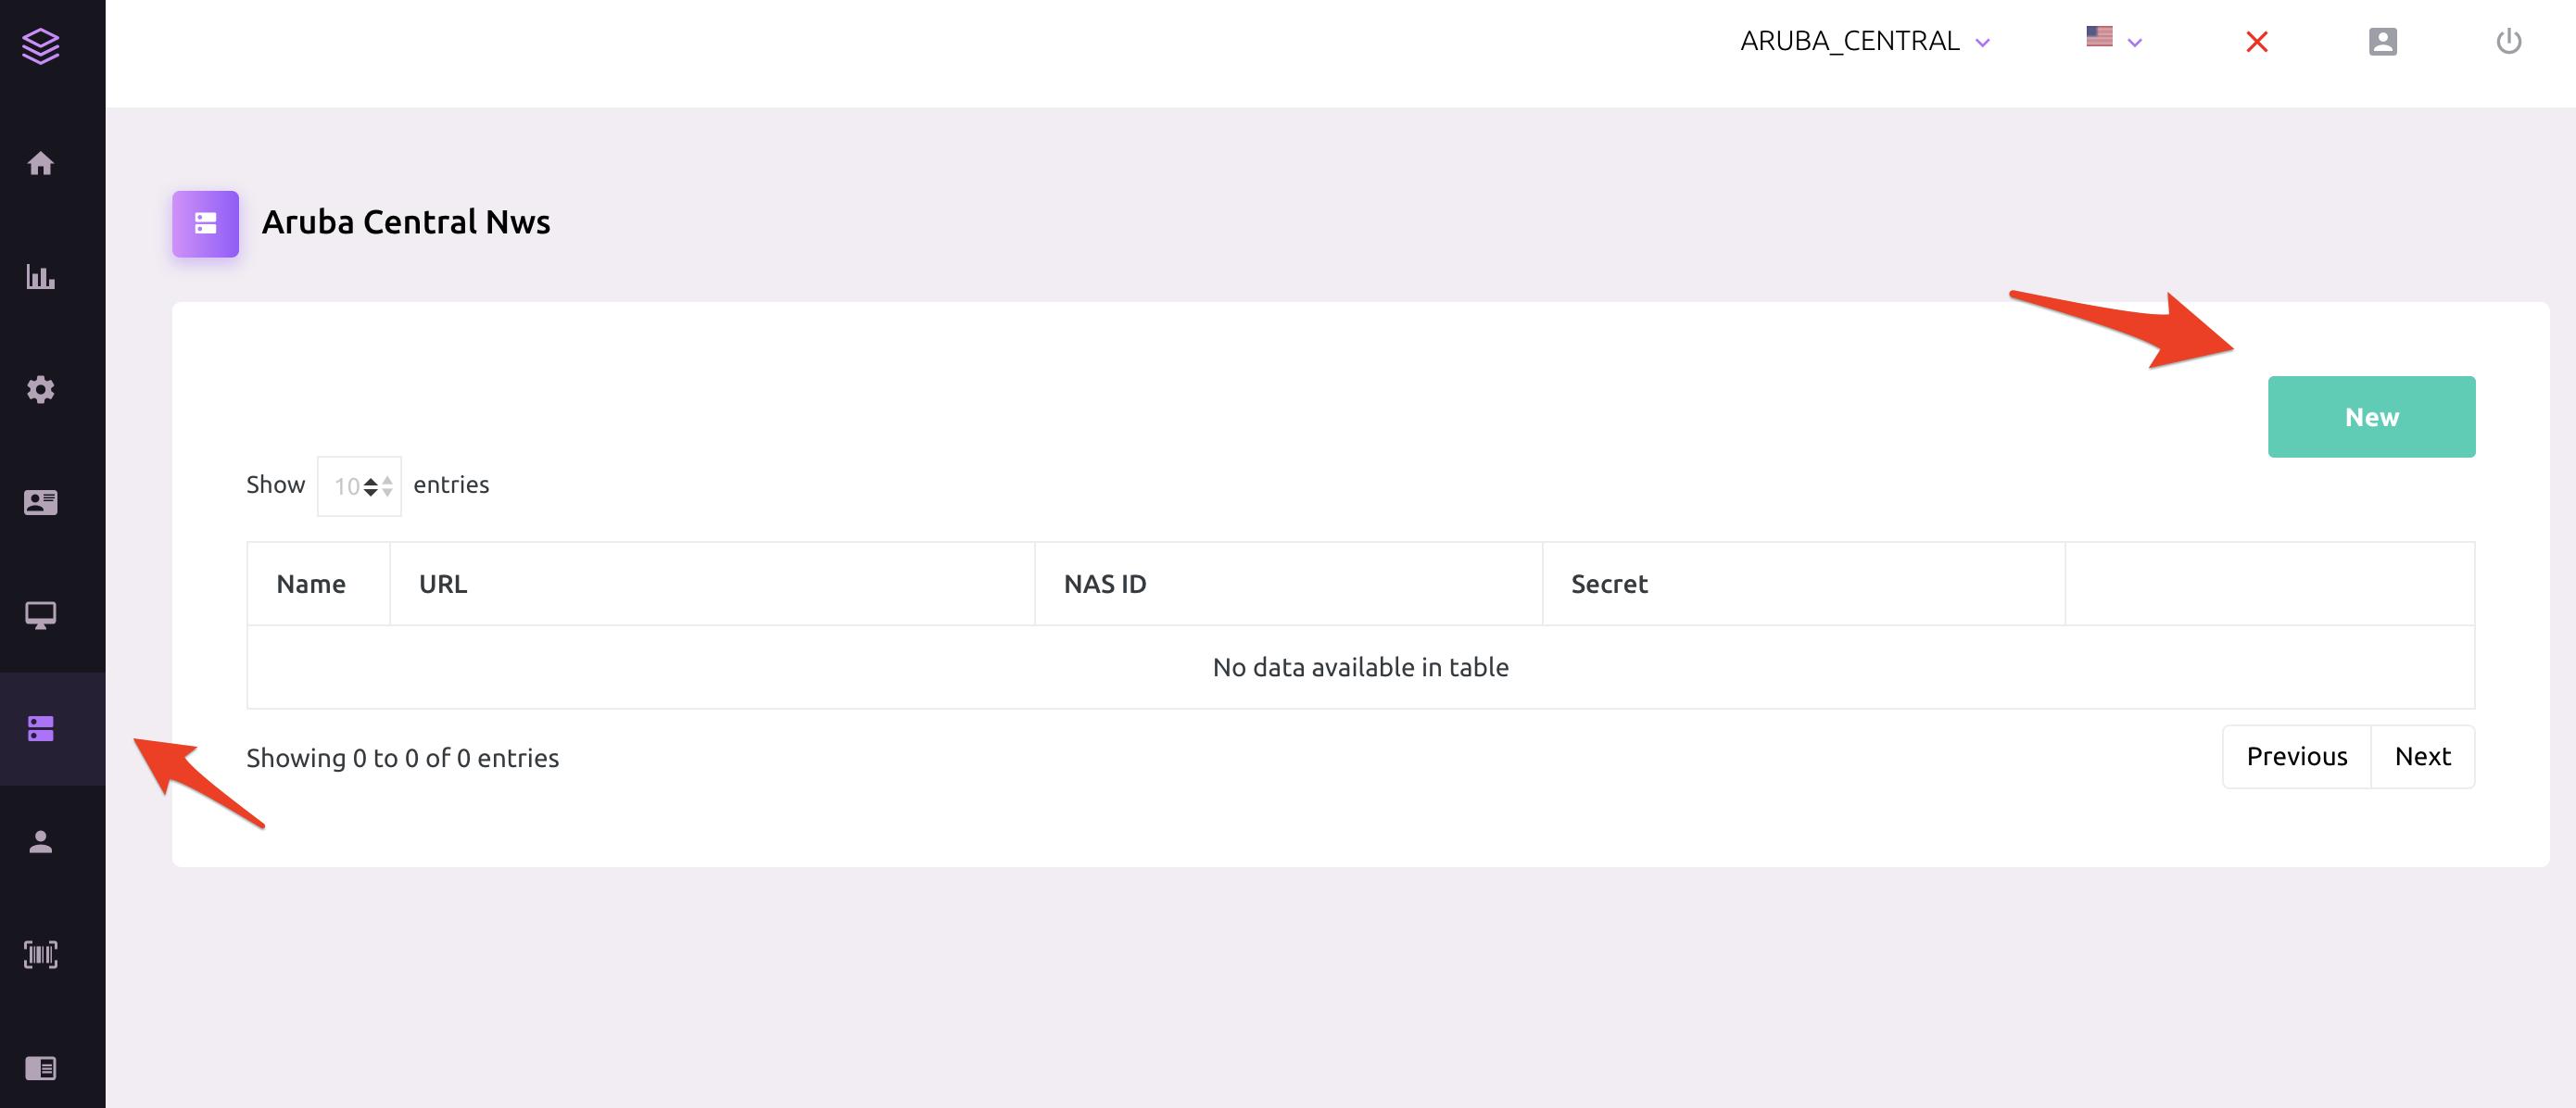 How to configure Aruba Central Hotspot with Spotipo